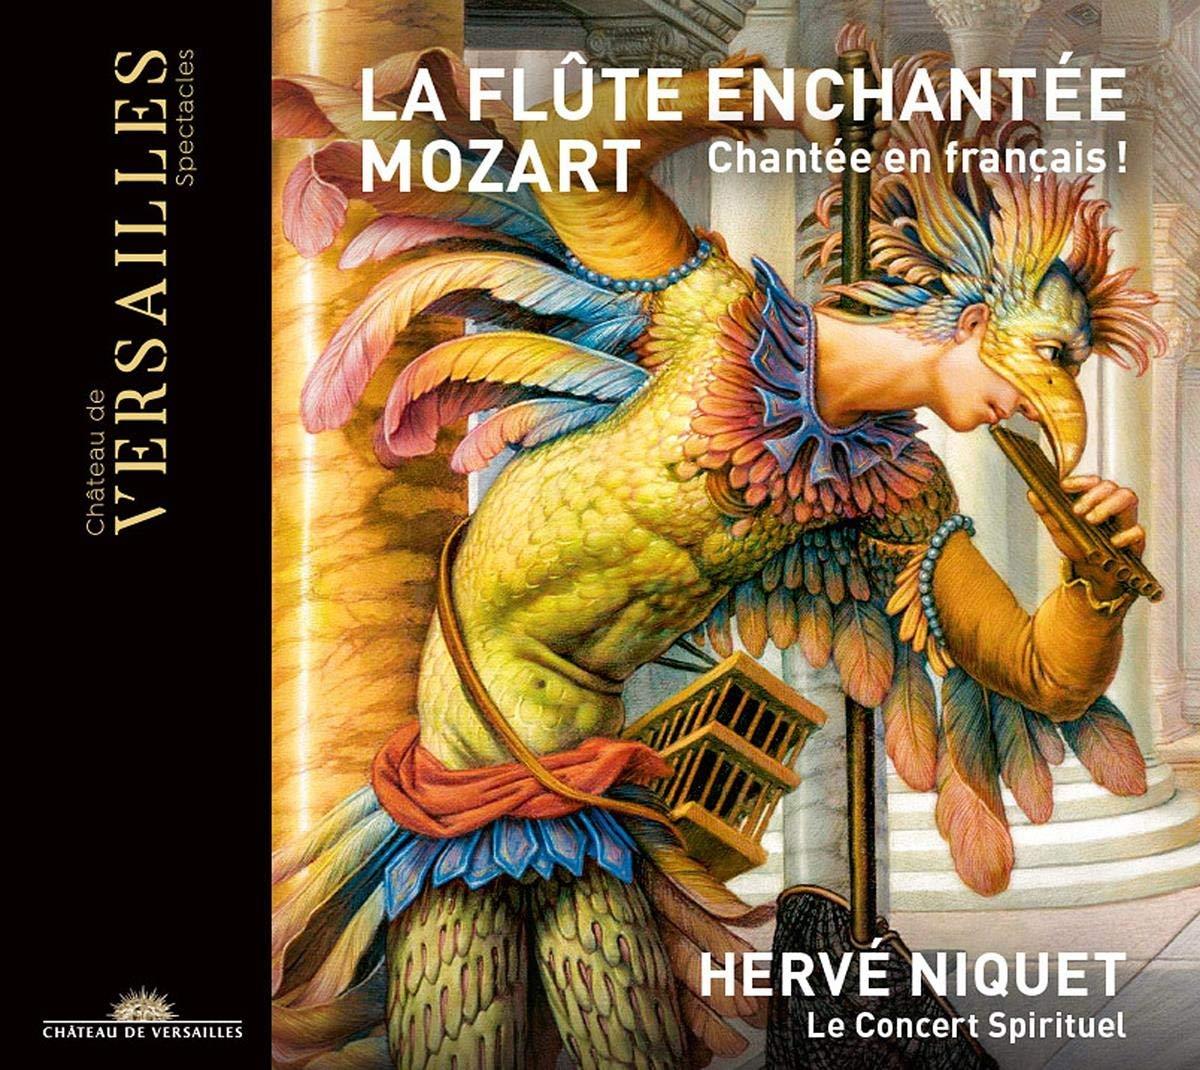 Mozart: La Flute Enchantèe (Chanté en Français) - Hervé Niquet